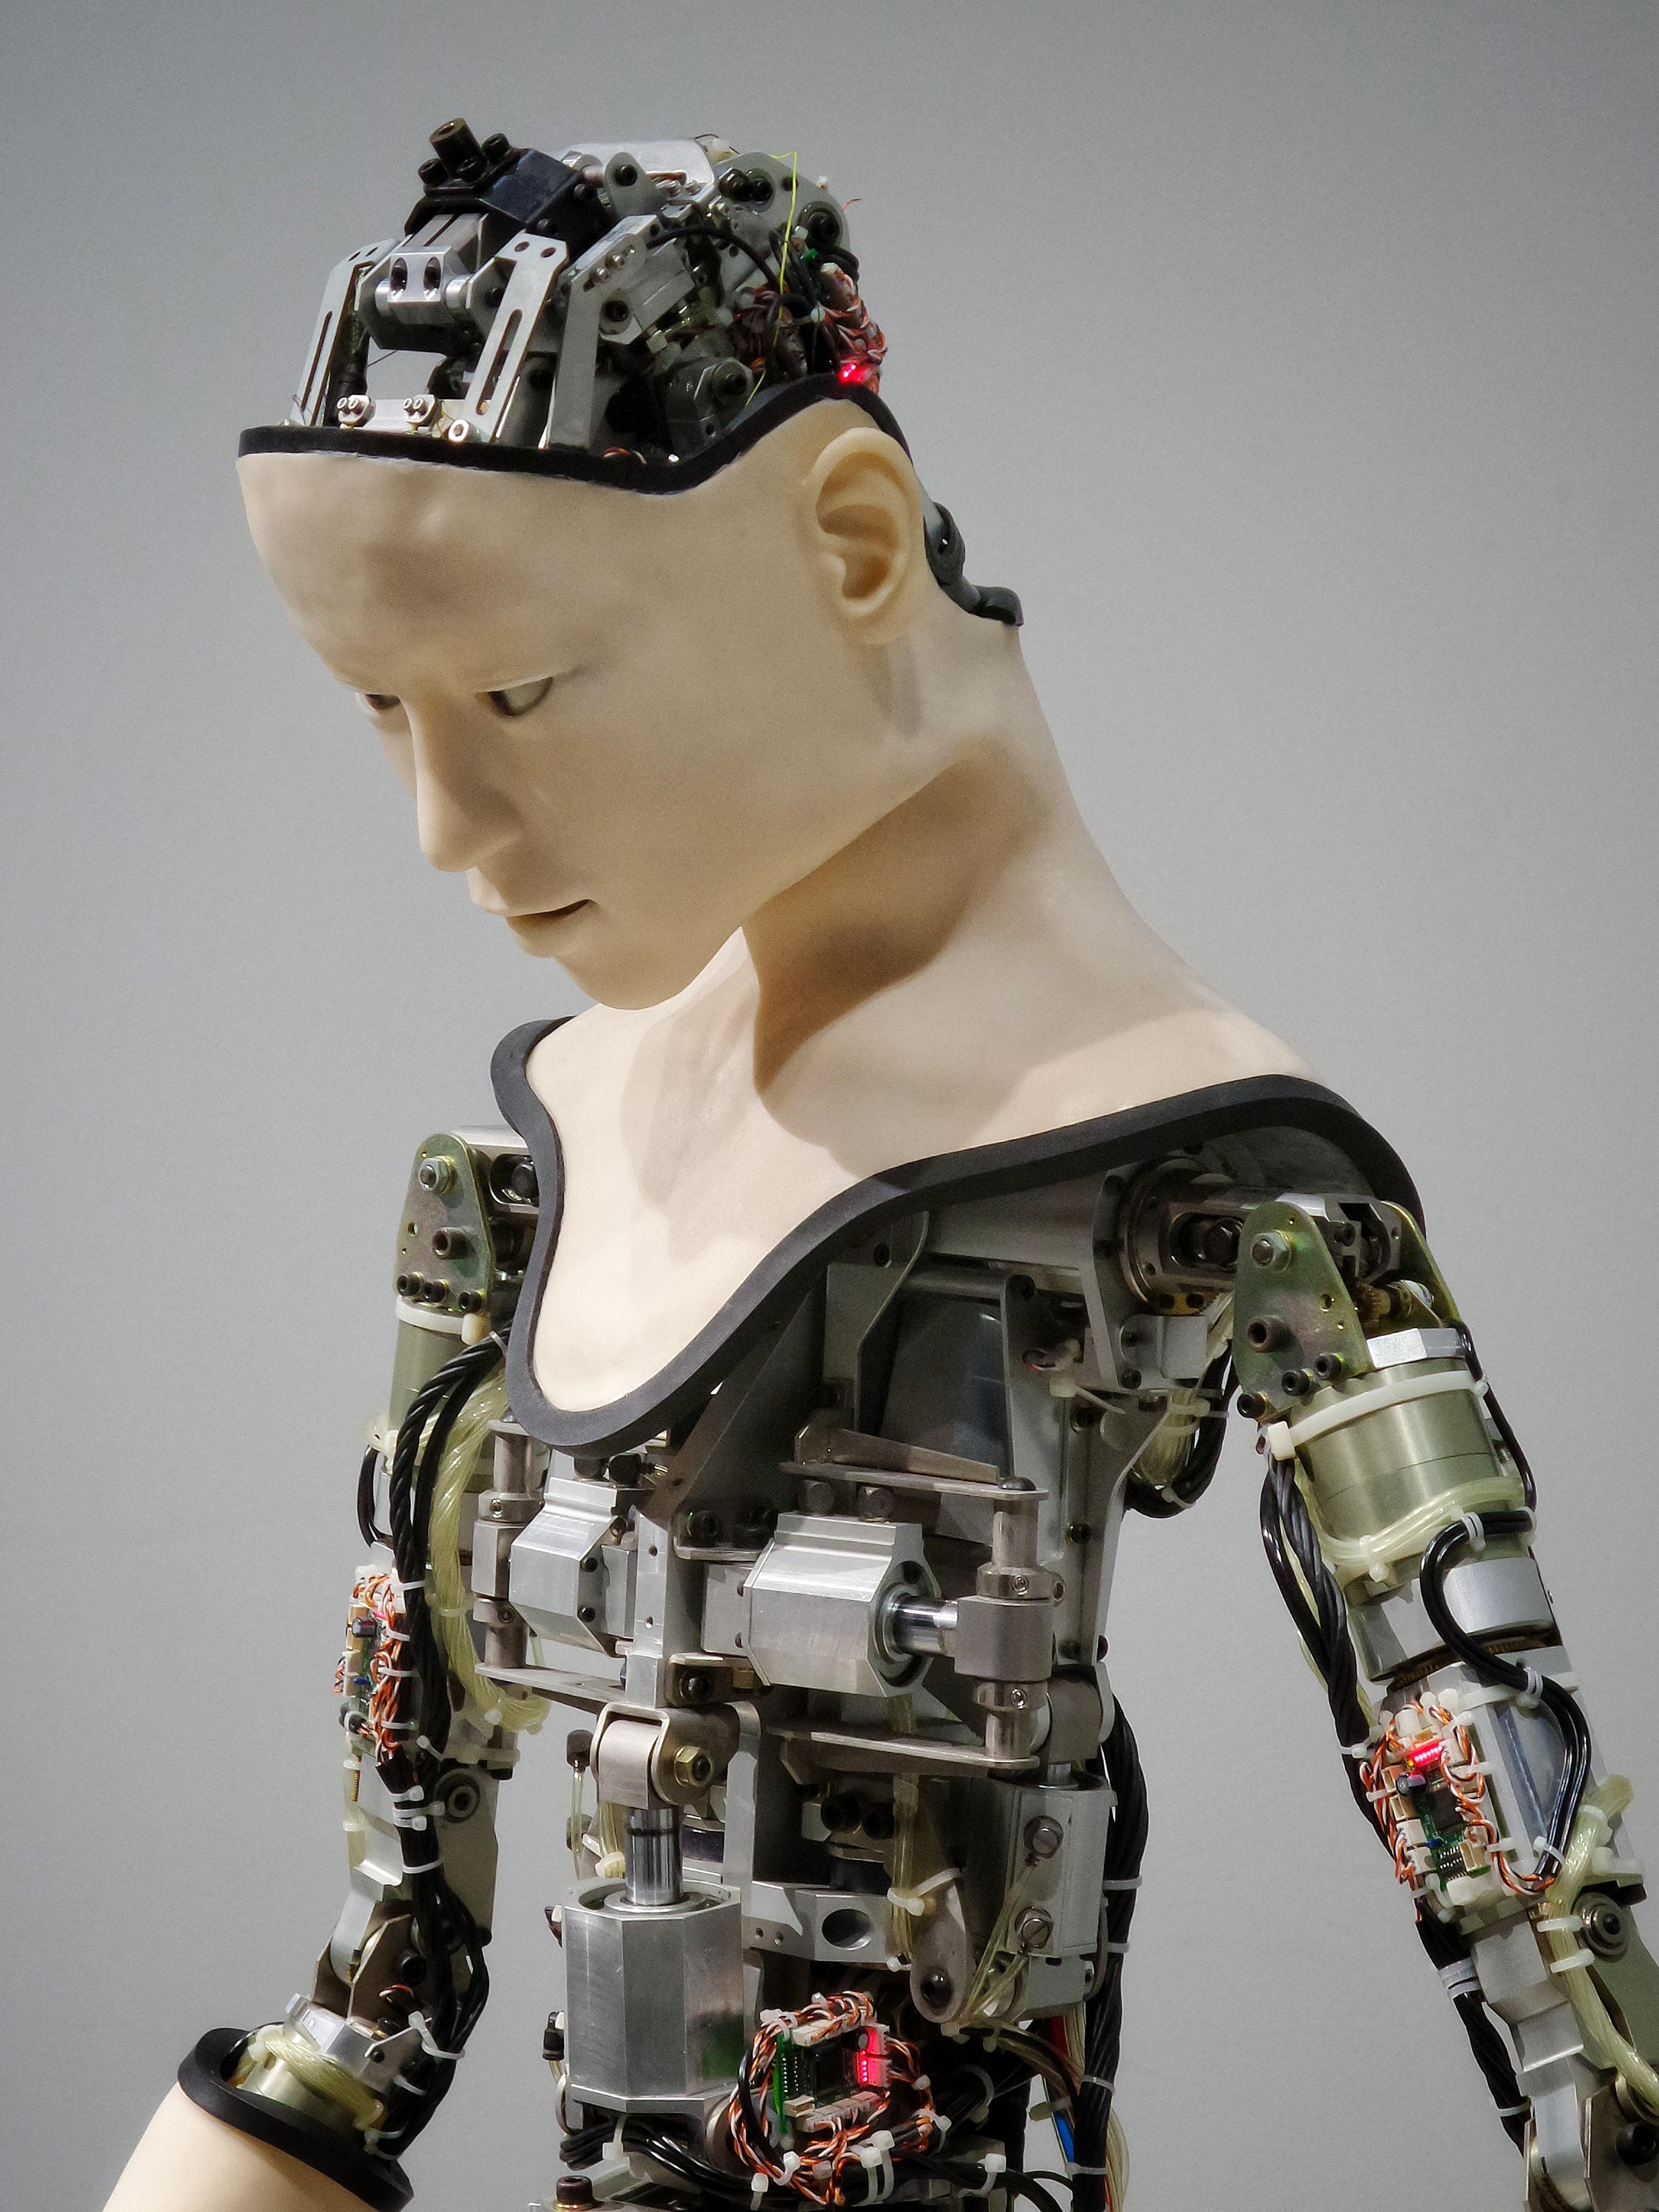 Künstliche Intelligenz in Form einer Humanoide